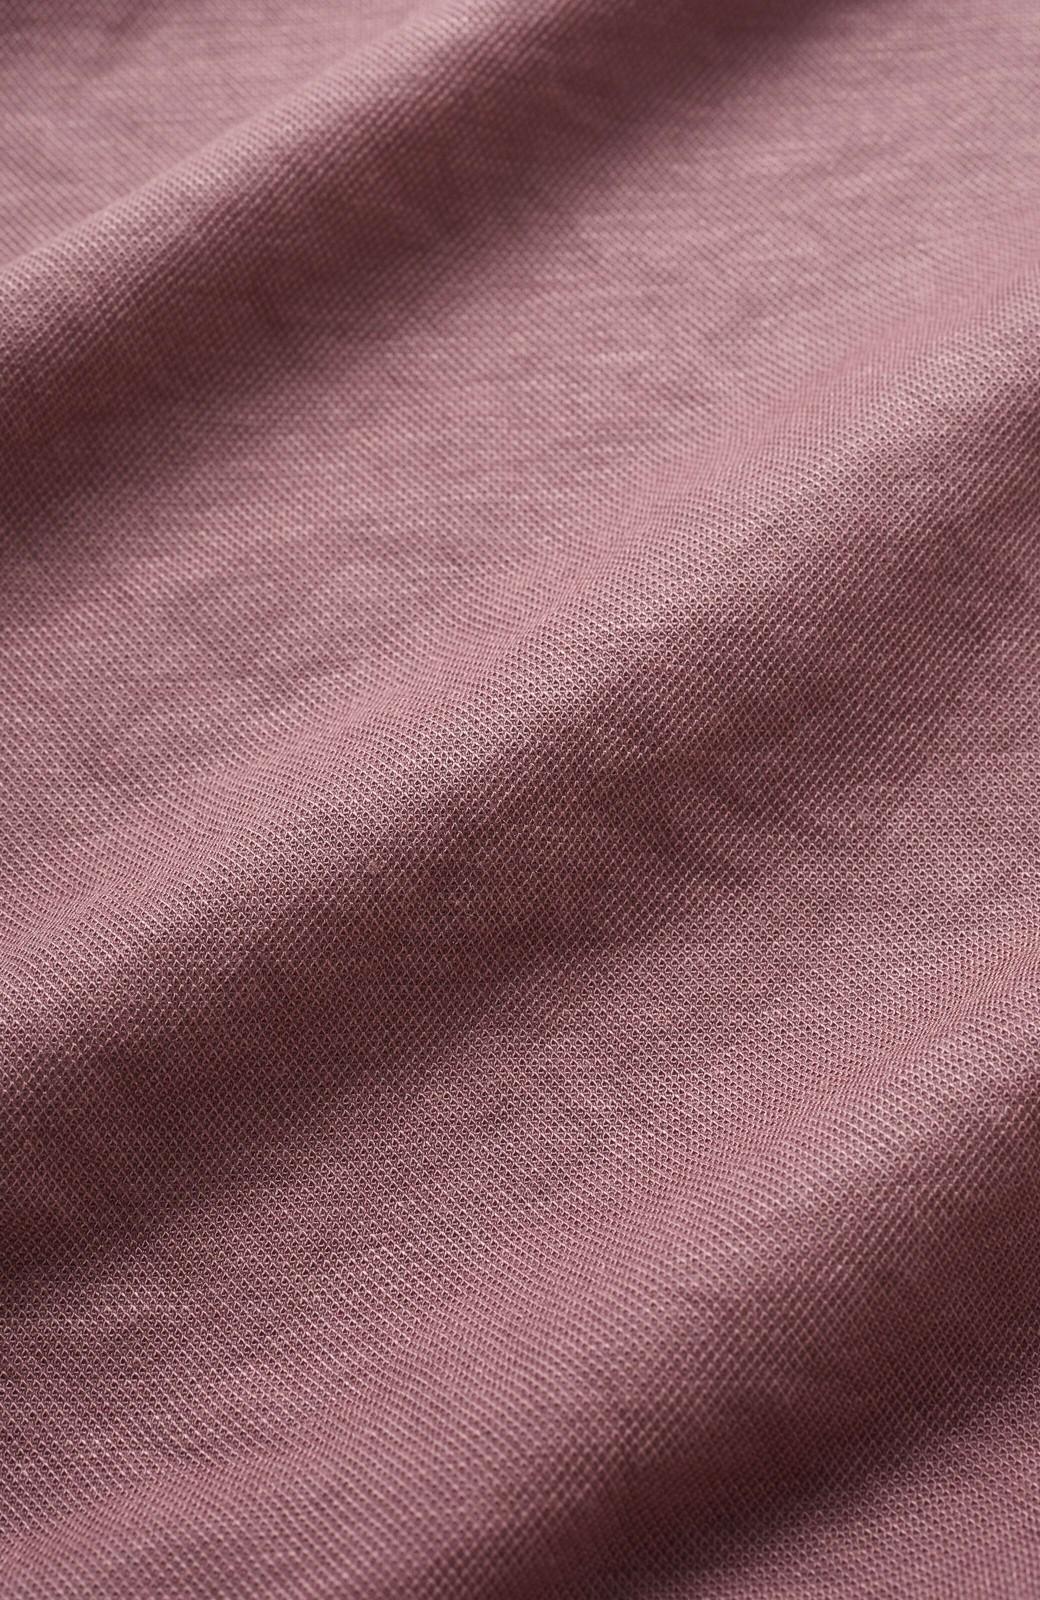 haco! カジュアル&きれいめバランスがちょうどいい!さらりと心地いい大人Tシャツ <スモークピンク>の商品写真4